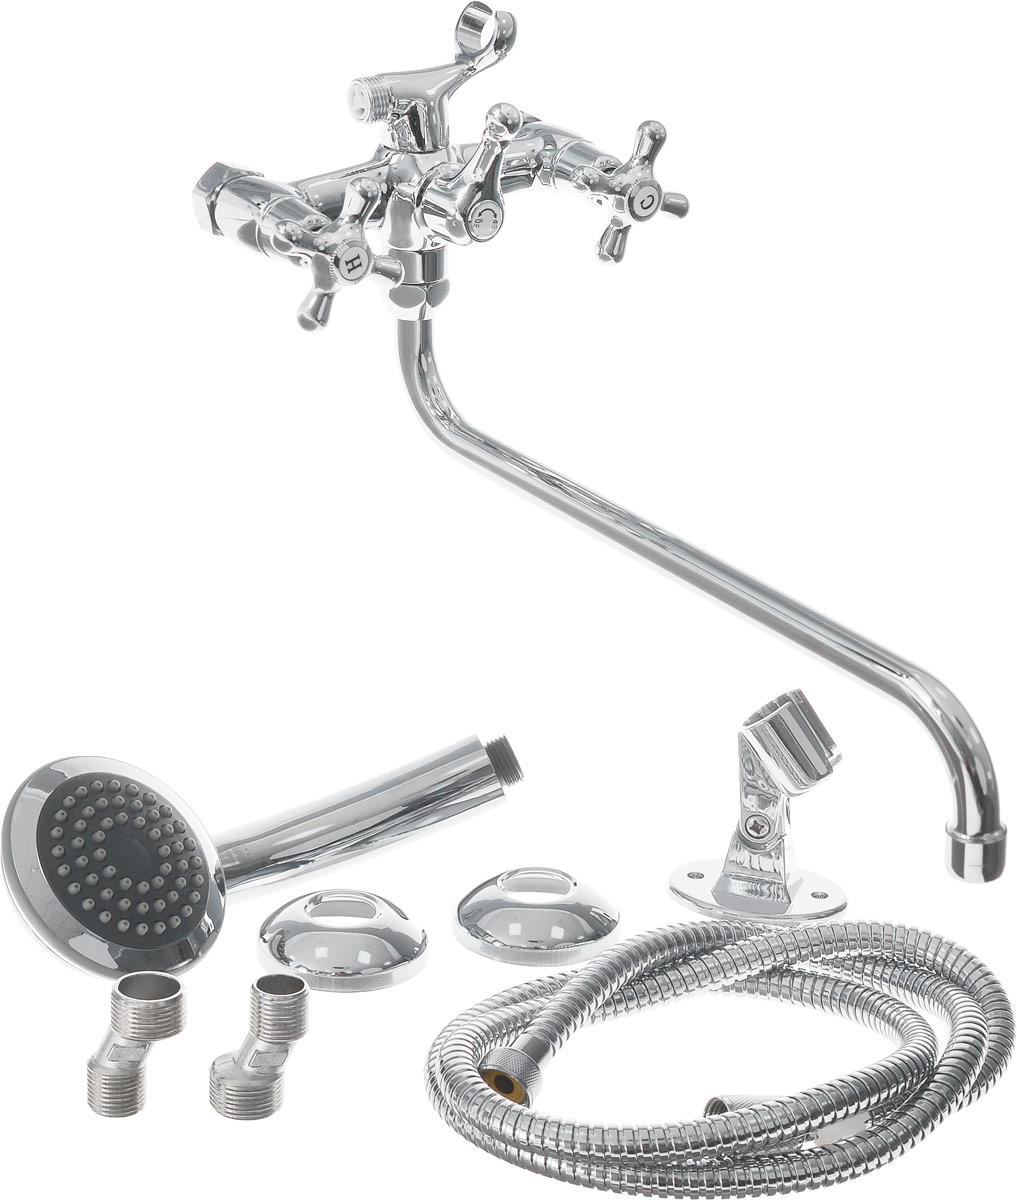 Смеситель для ванны и душа Smartsant Смарт-Кросс, цвет: хромSM110002AAДвуручковый смеситель Smartsant Смарт-Кросс с керамическими кран-буксами (угол поворота 180°) выполнен из высококачественной латуни. Смеситель оснащен аэратором Neoperl Cascade для равномерного распределения струи воды. Стойкое хромированное покрытие обеспечивает изделию долгий срок эксплуатации. Смеситель оснащен защитой от ожога. В комплекте гибкая подводка G 1/2. Излив: 35 см. Диаметр лейки: 9,5 см.